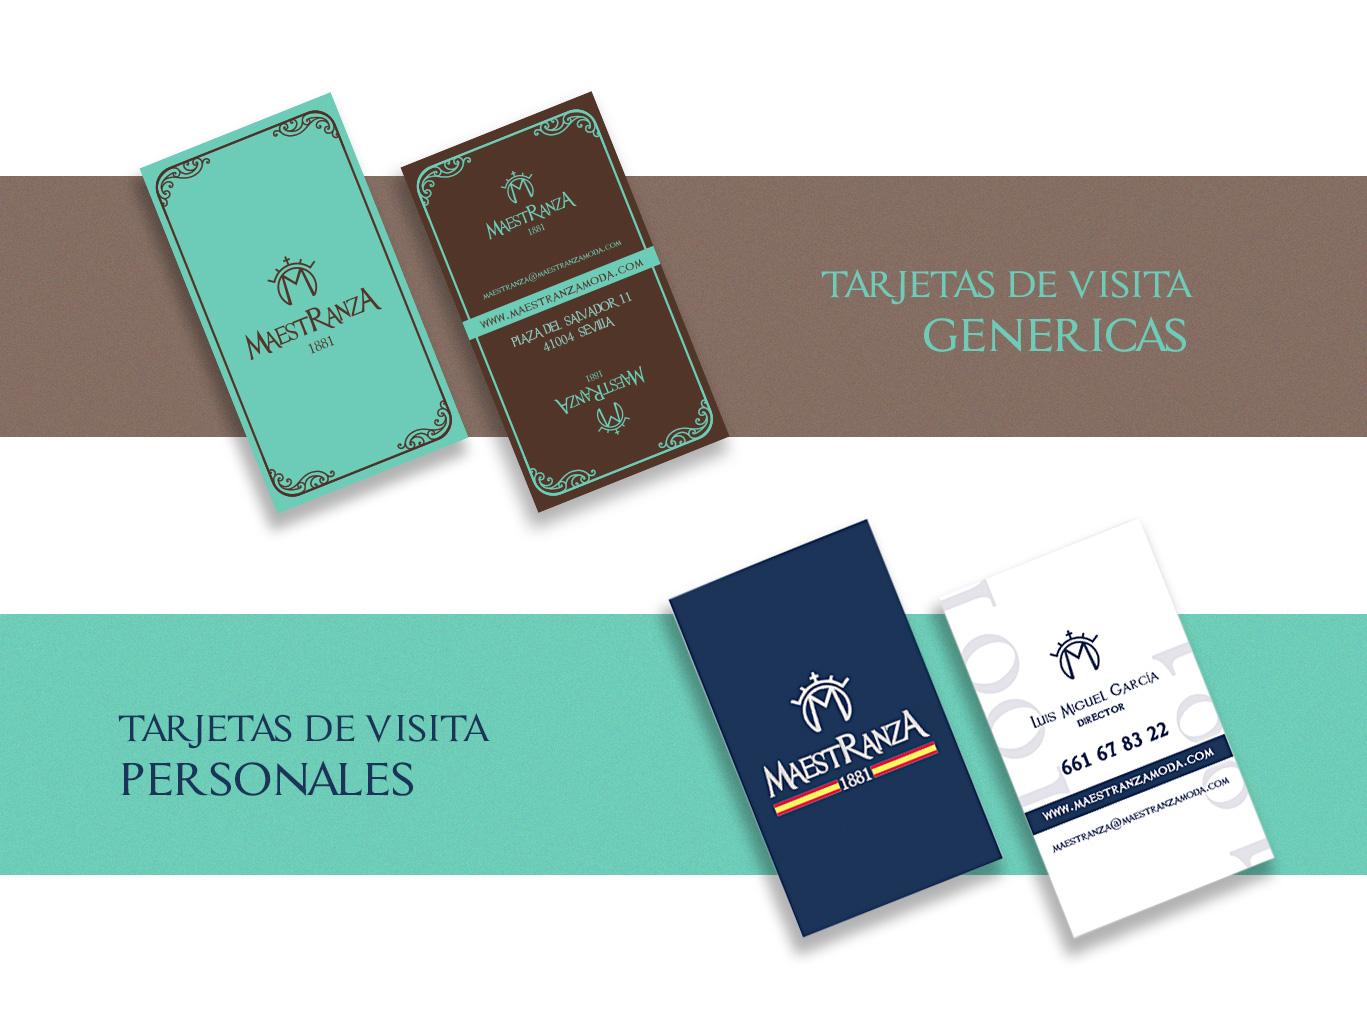 Diseño gráfico Albacete, diseño papelería corporativa, diseño de tarjetas de visita Maestranza Moda, impresión de tarjetas de visita, tarjetas de visita con stamping